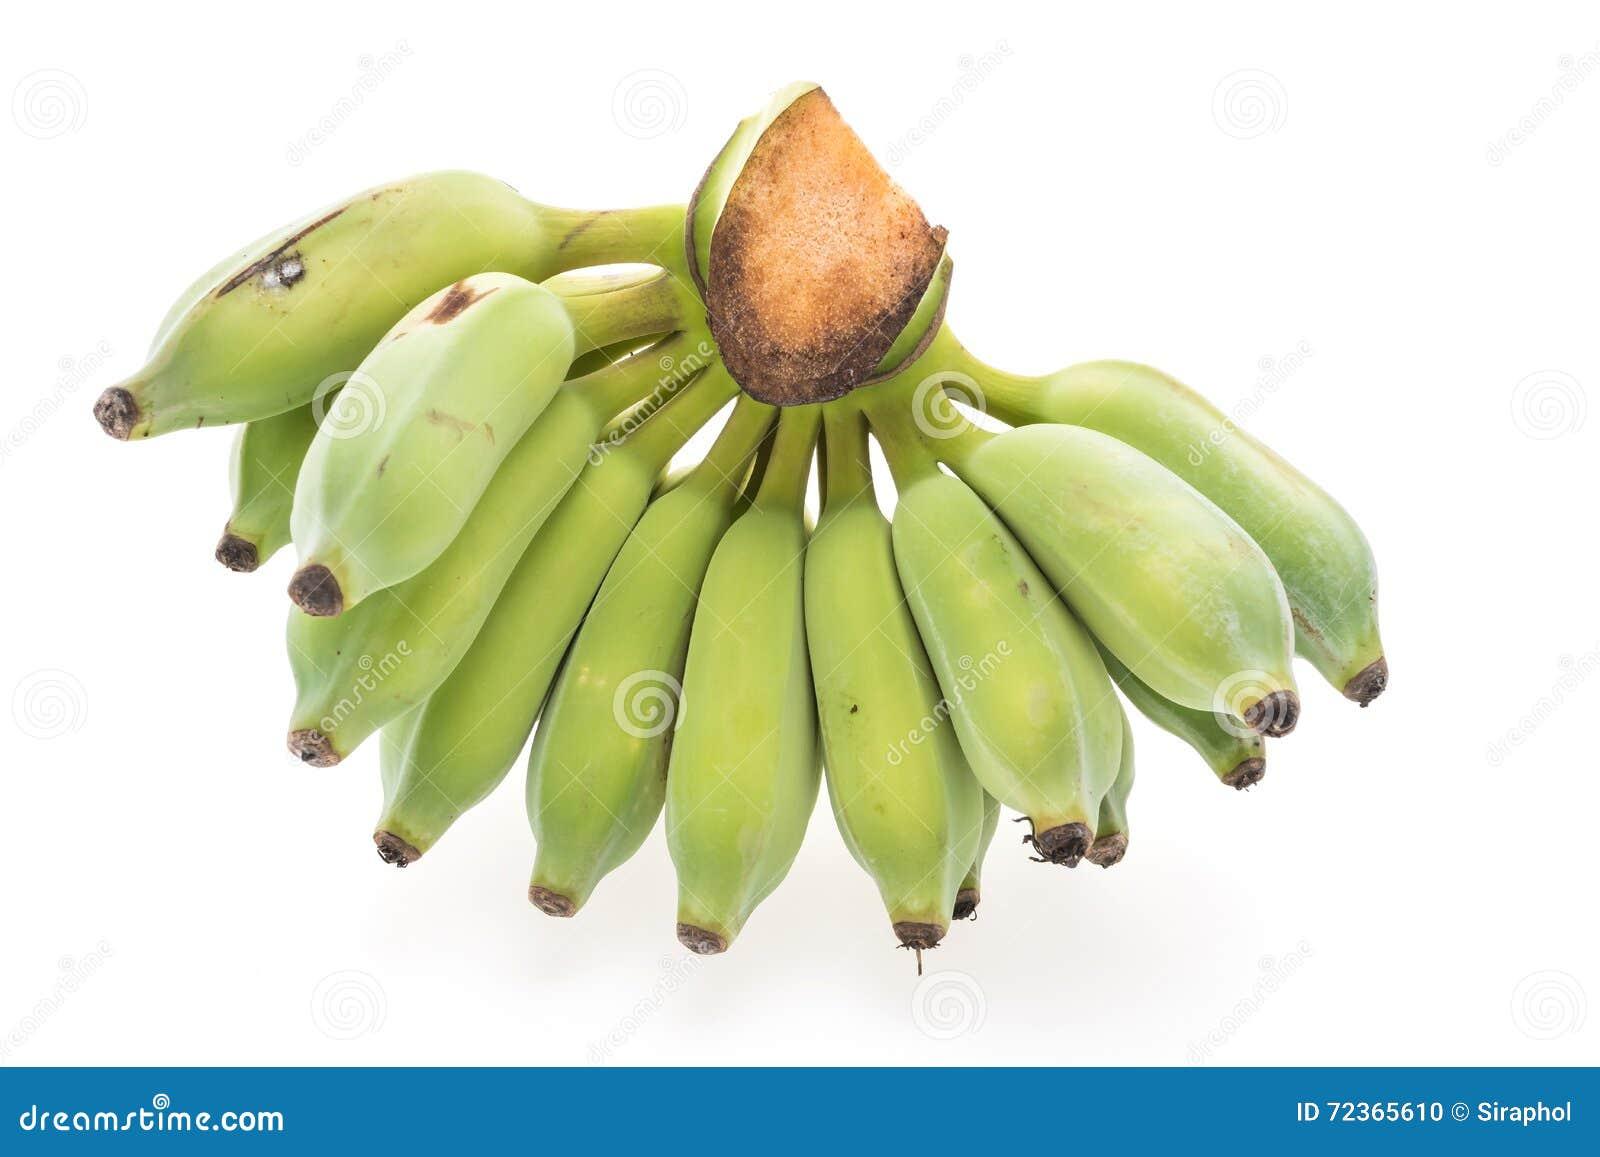 香蕉非常绿色查找